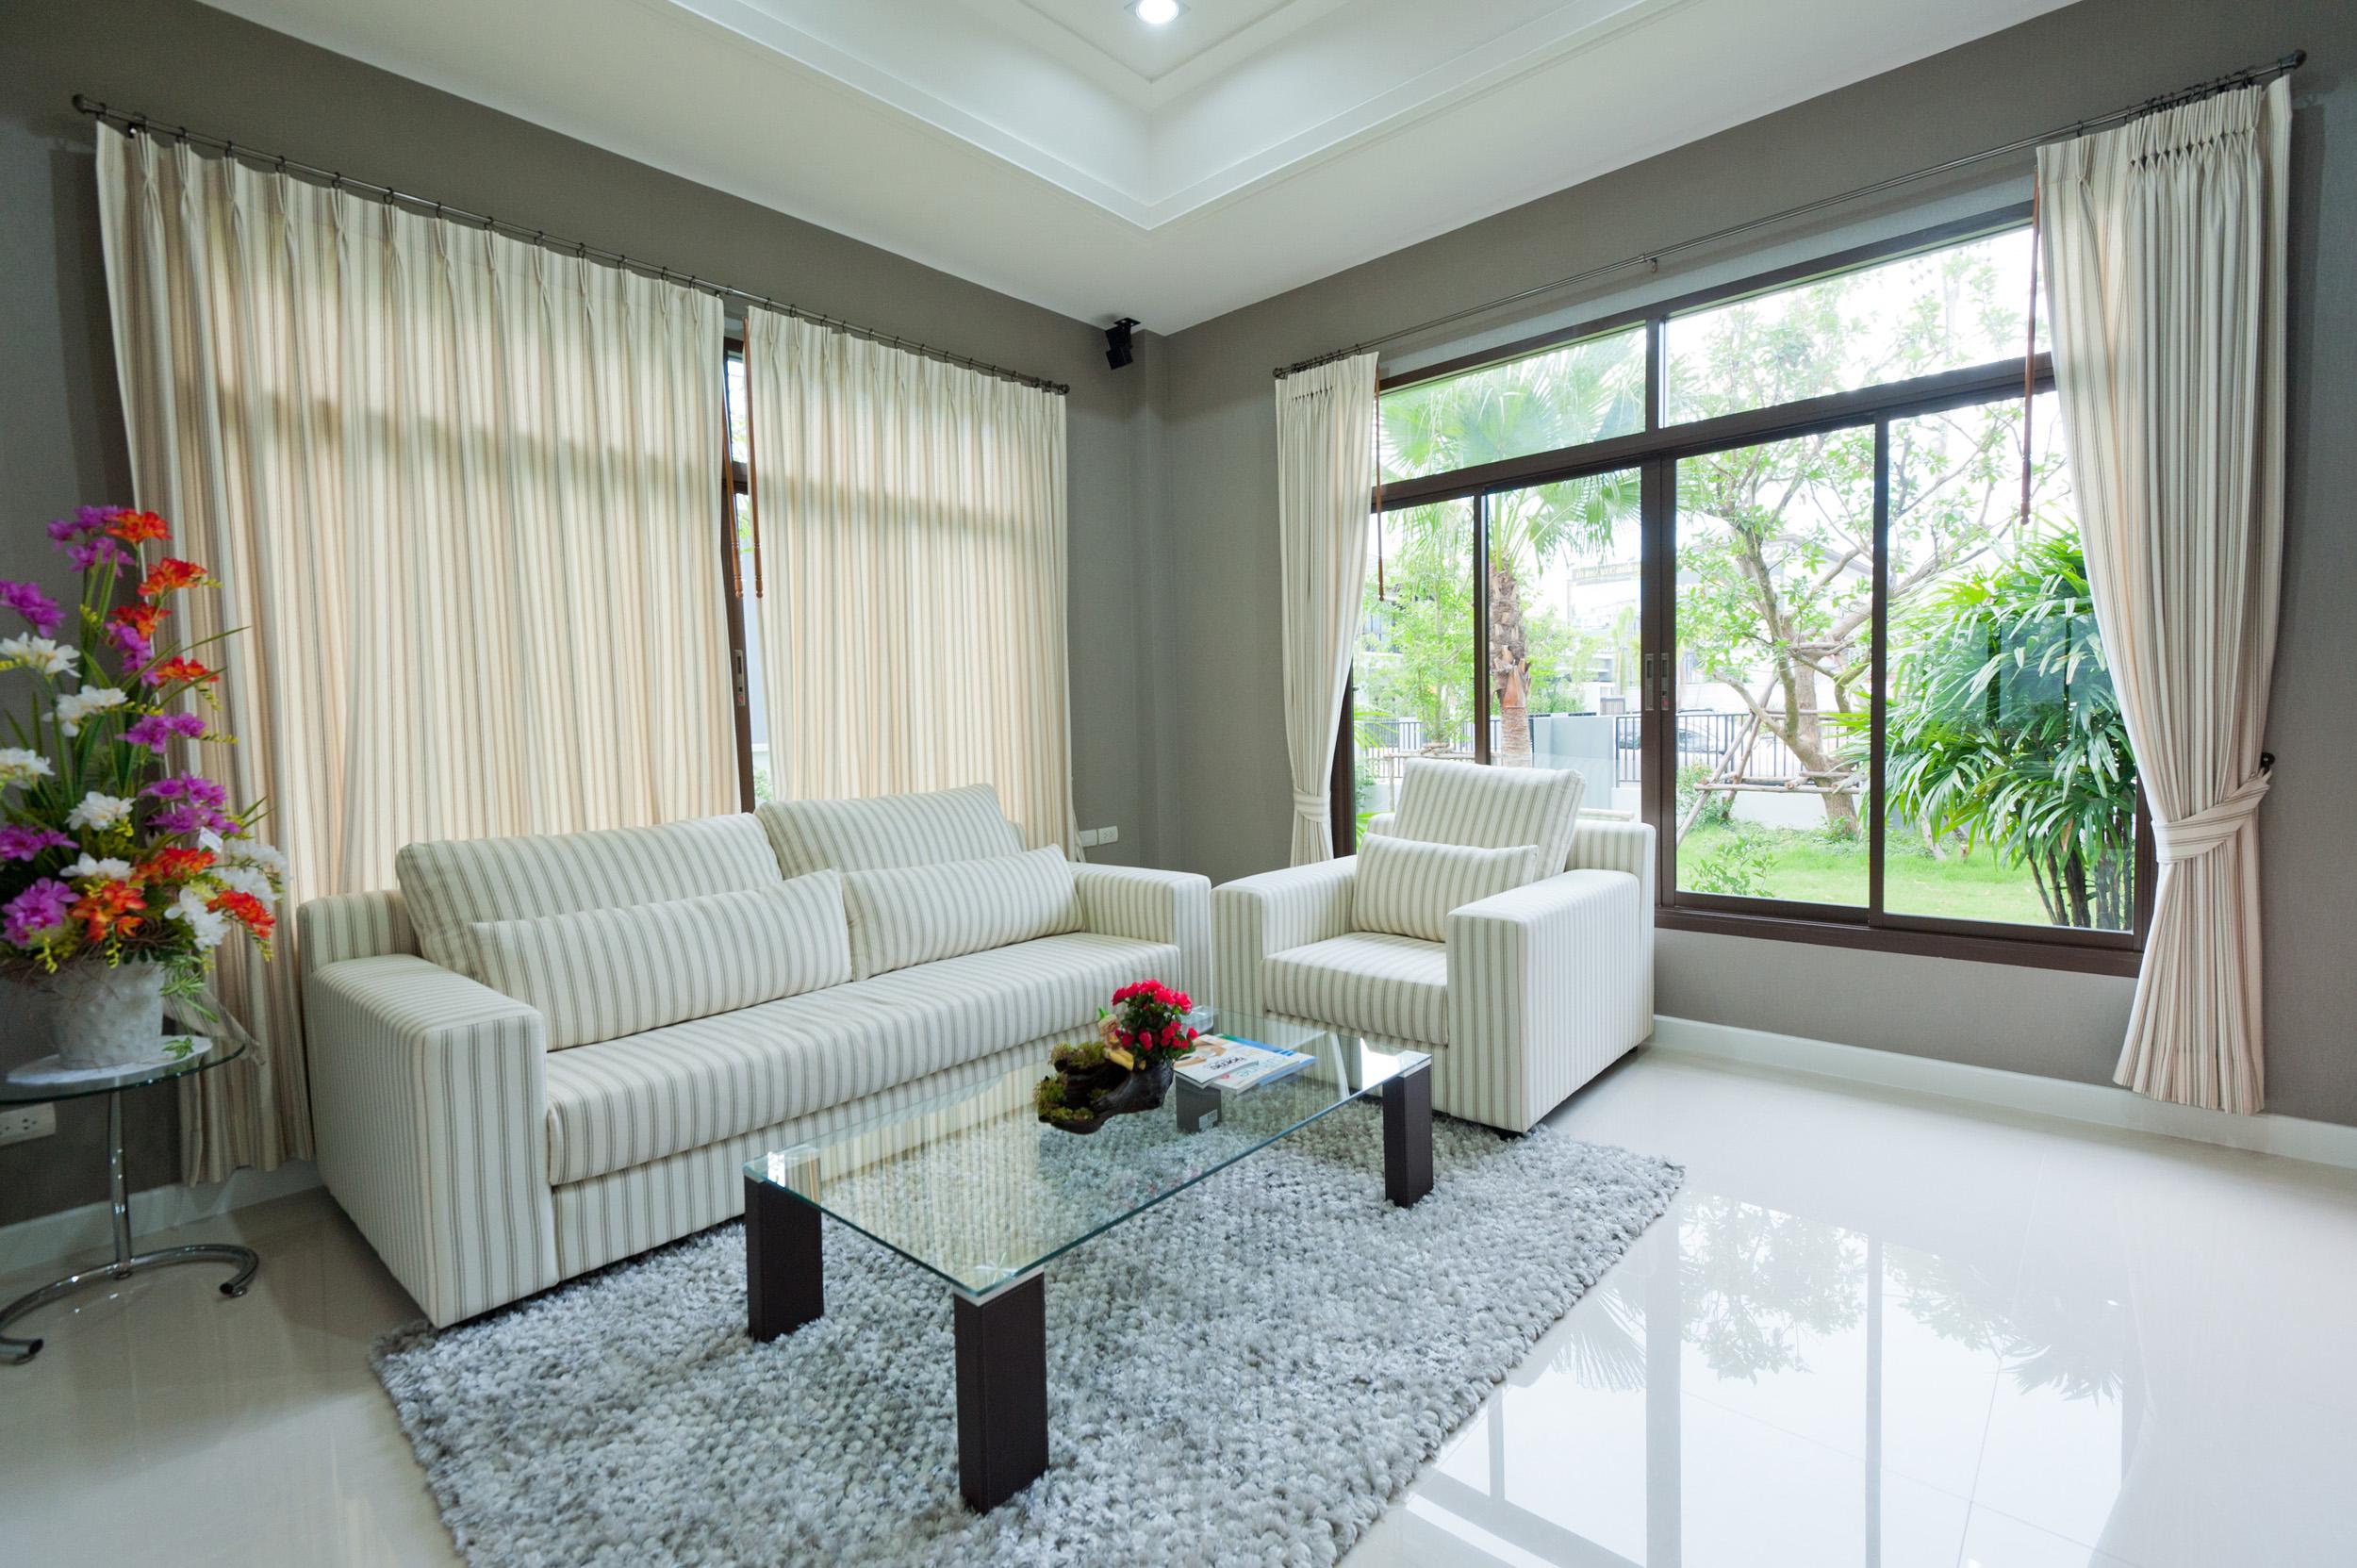 vorh nge oder gardinen. Black Bedroom Furniture Sets. Home Design Ideas